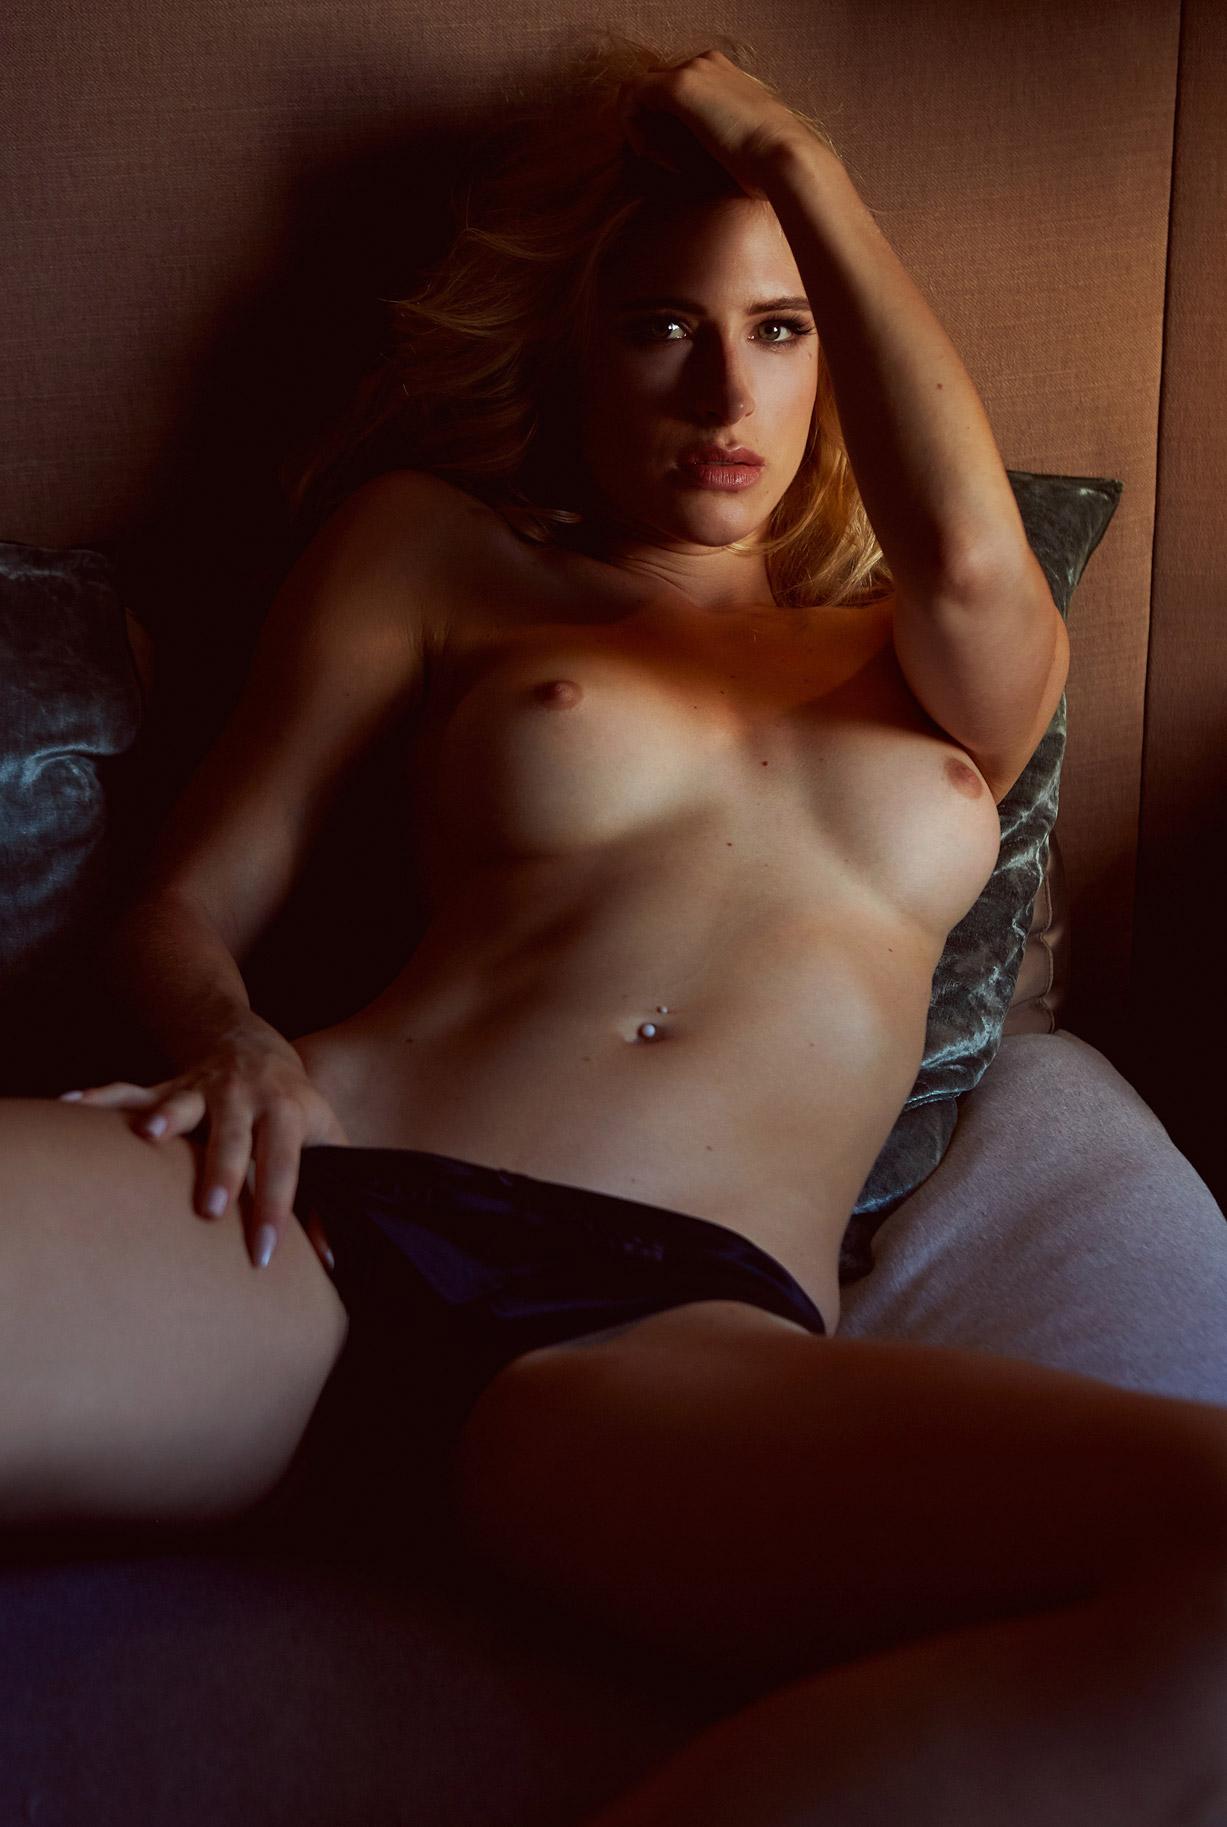 Девушка месяца Леа Гетц / Lea Gotz - Playboy Germany november 2016 playmate